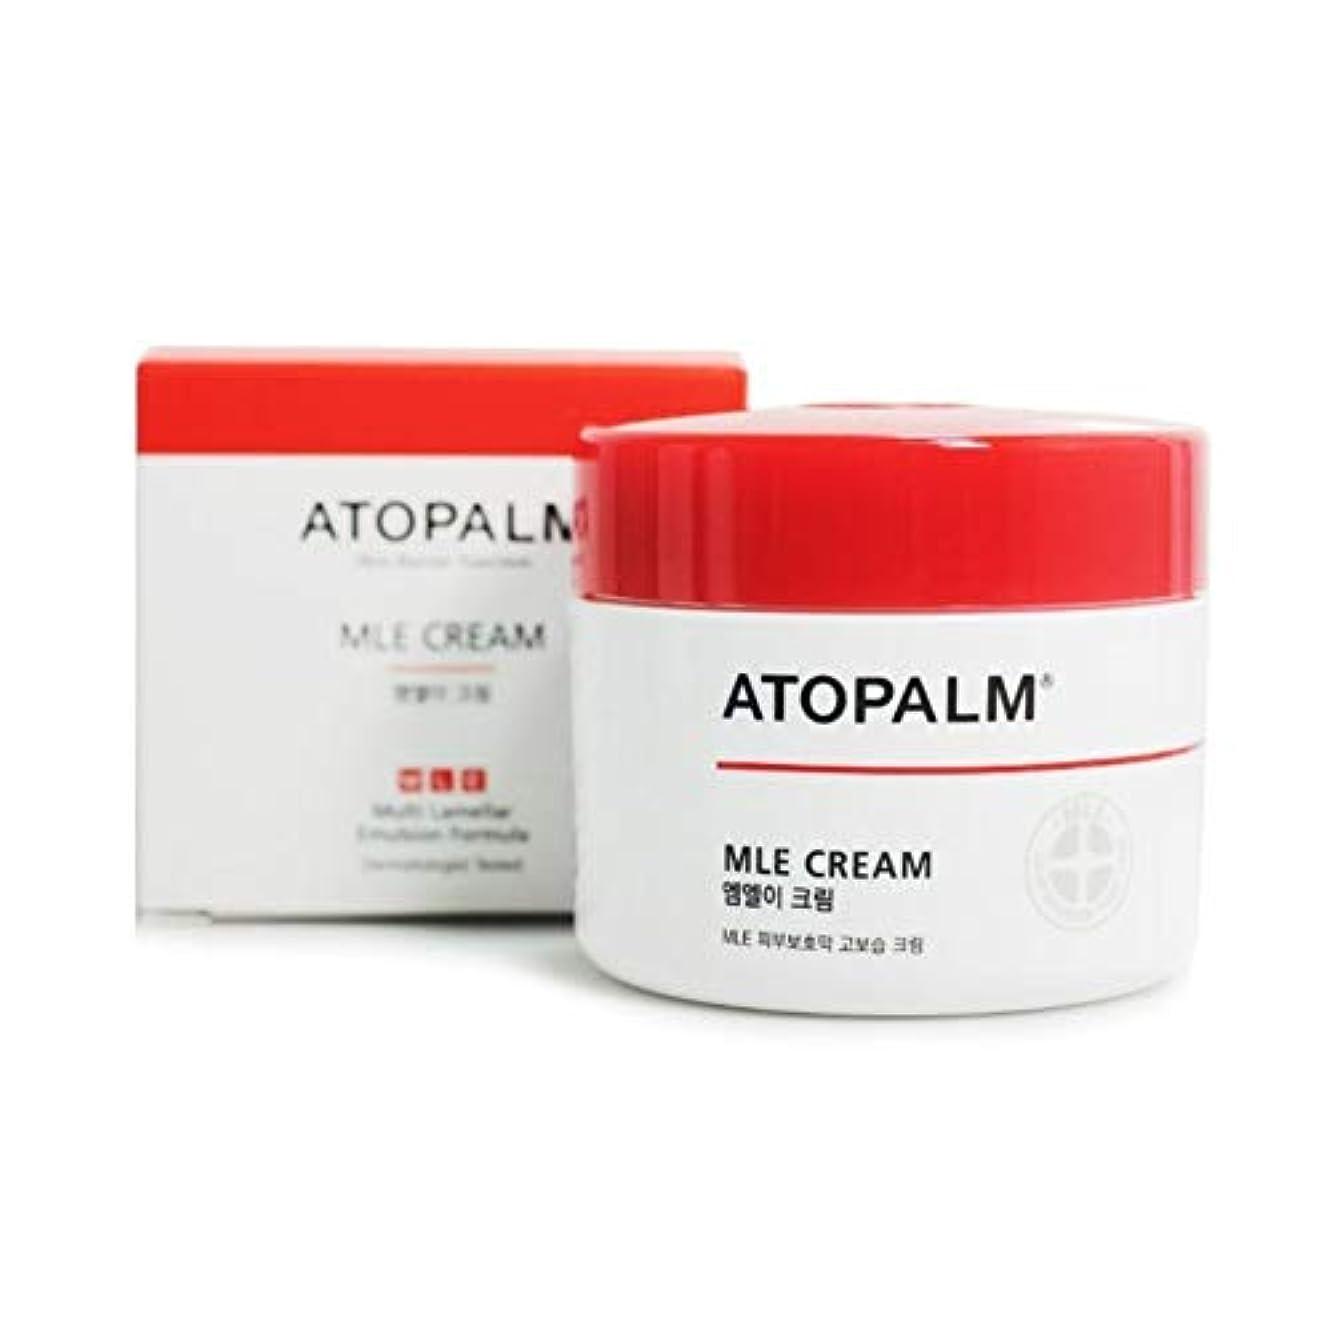 手当船員調べるアトパムMLEクリーム160mlベビークリーム韓国コスメ、Atopalm MLE Cream 160ml Baby Cream Korean Cosmetics [並行輸入品]